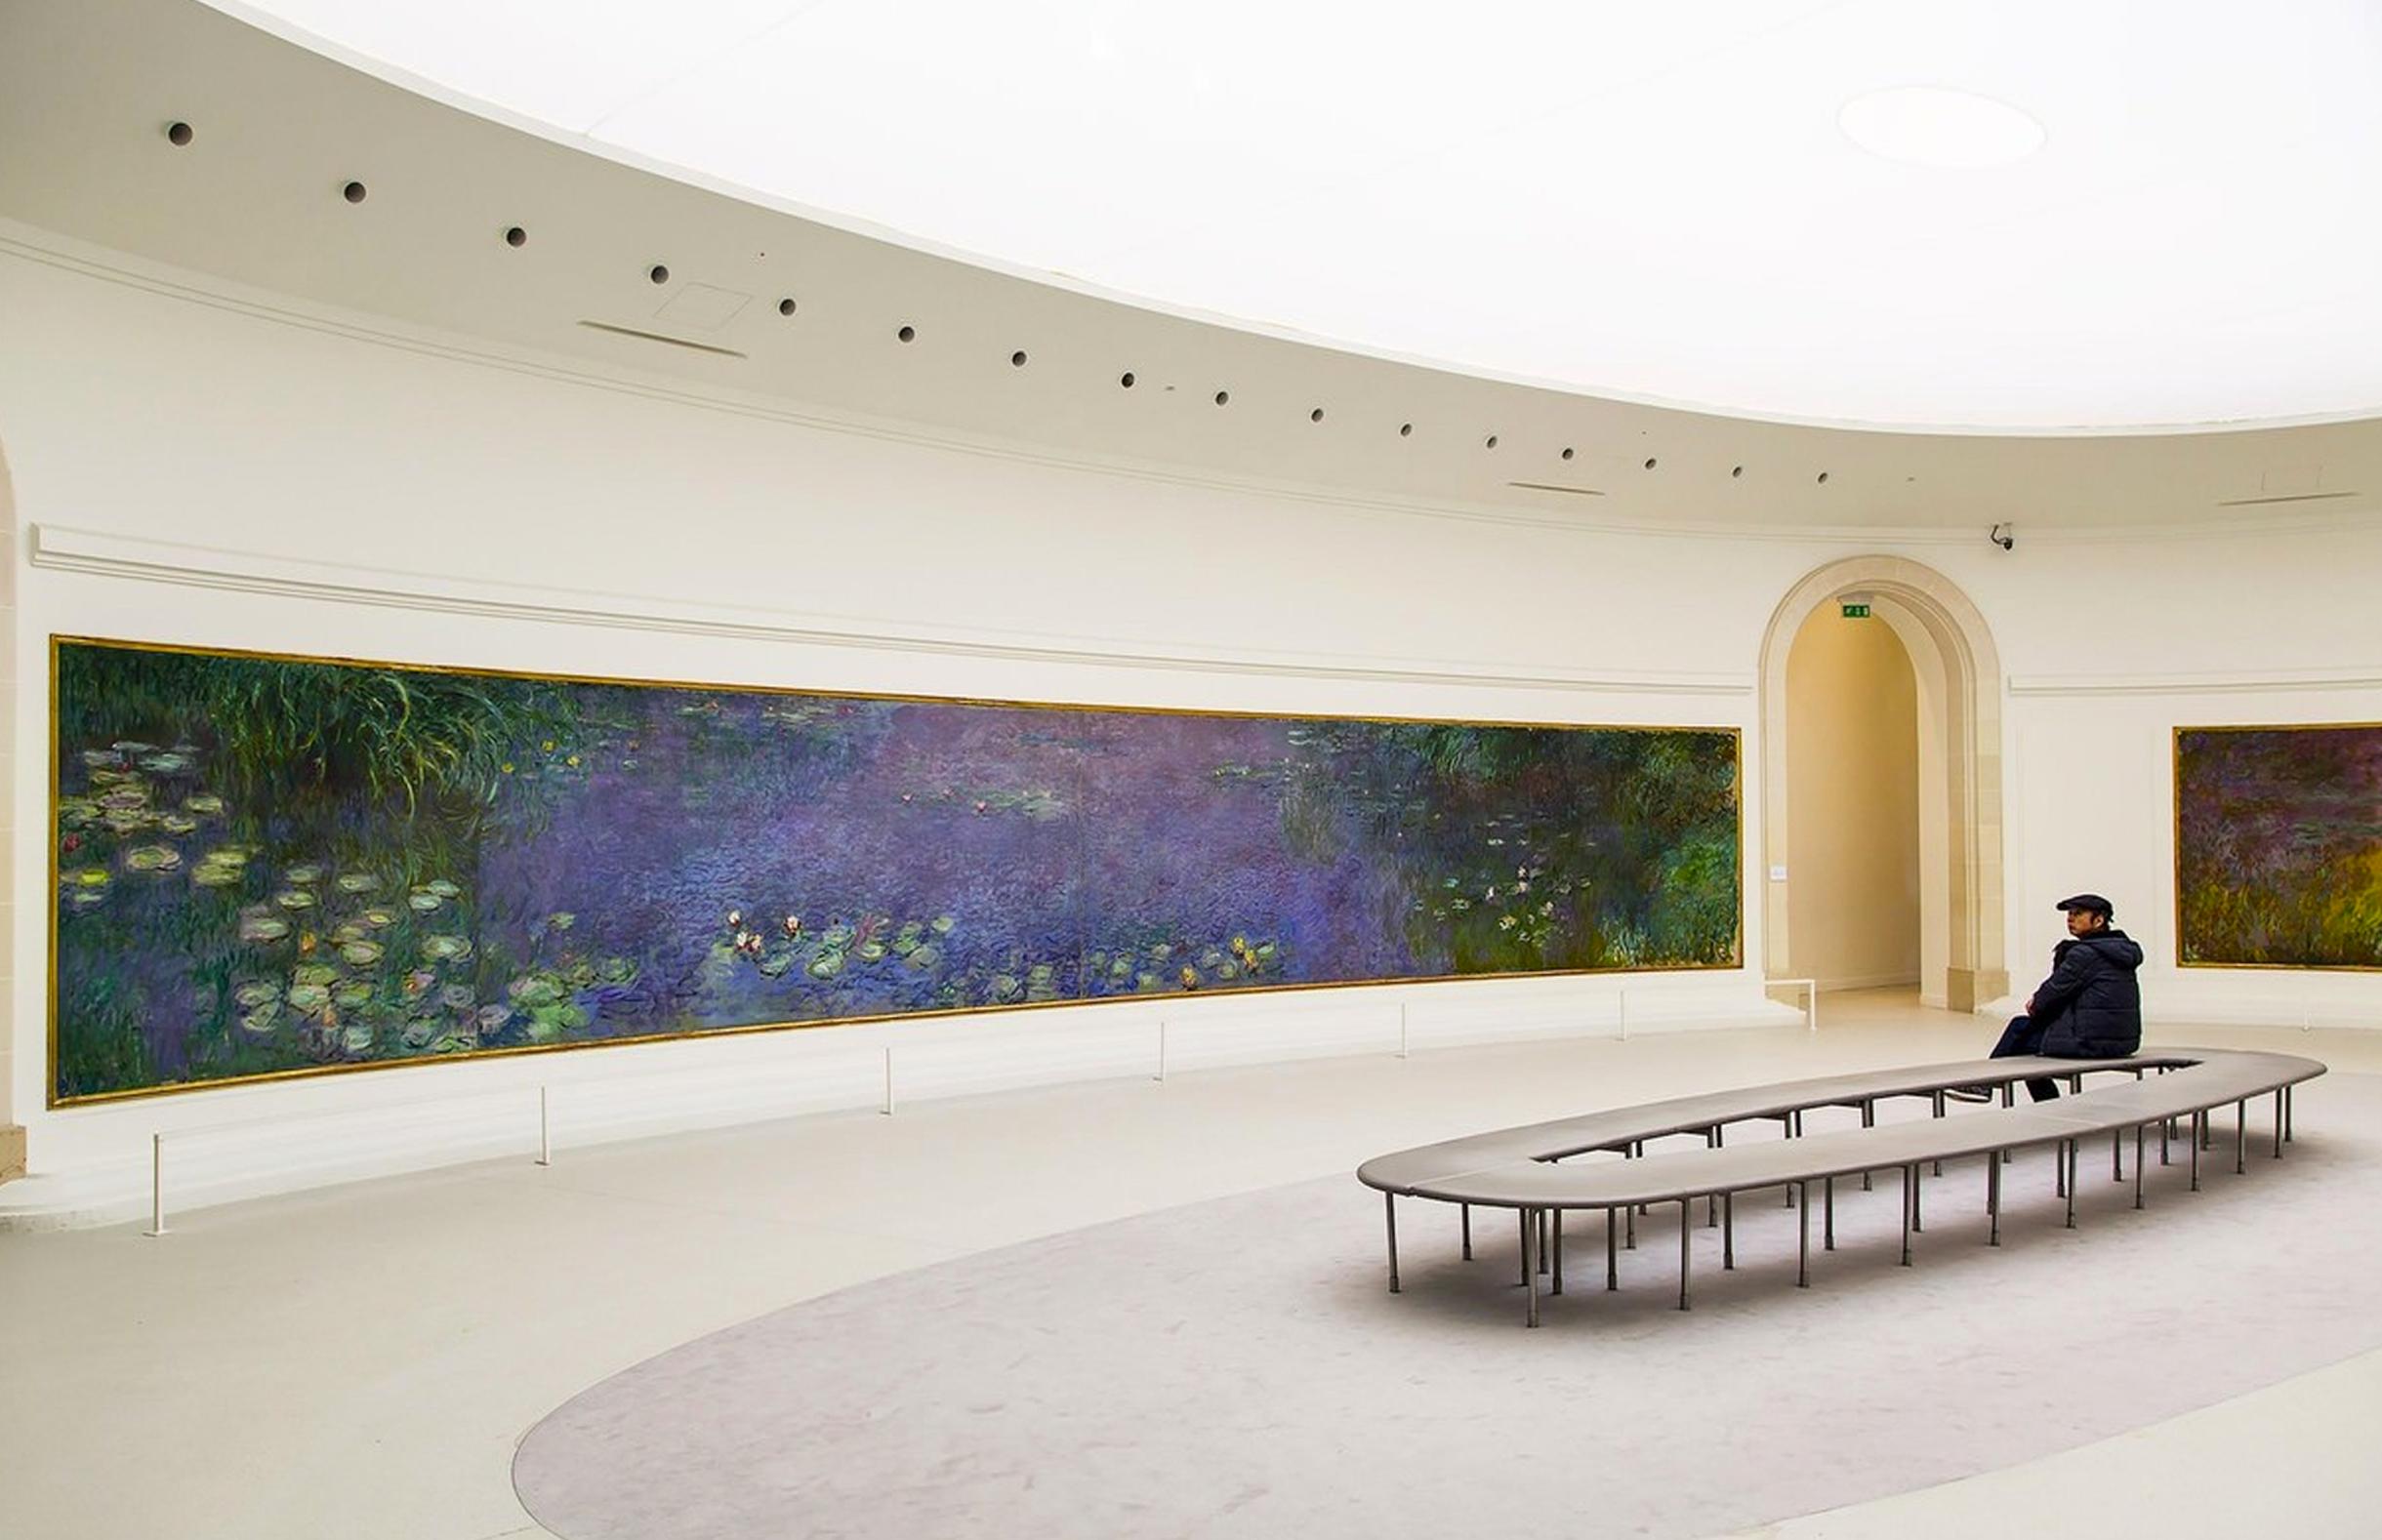 ELLE | La experiencia de realidad virtual que te sumerge en el jardín de Monet